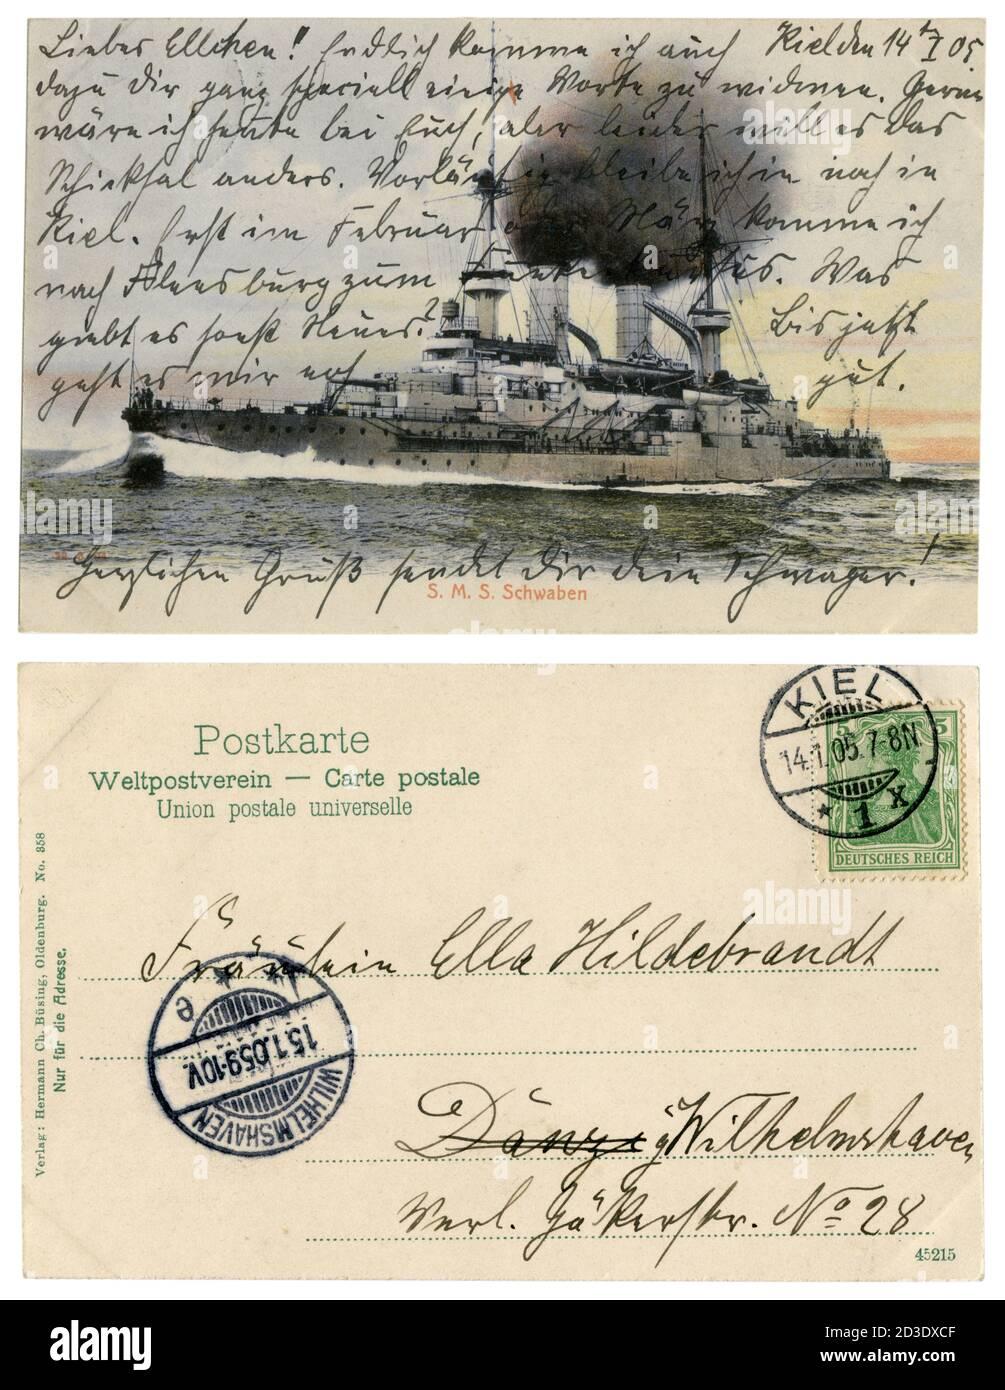 Carte postale historique allemande : SMS Schwaben (1901) quatrième navire de la classe Wittelsbach des leships de la Marine impériale allemande. 1905 Banque D'Images